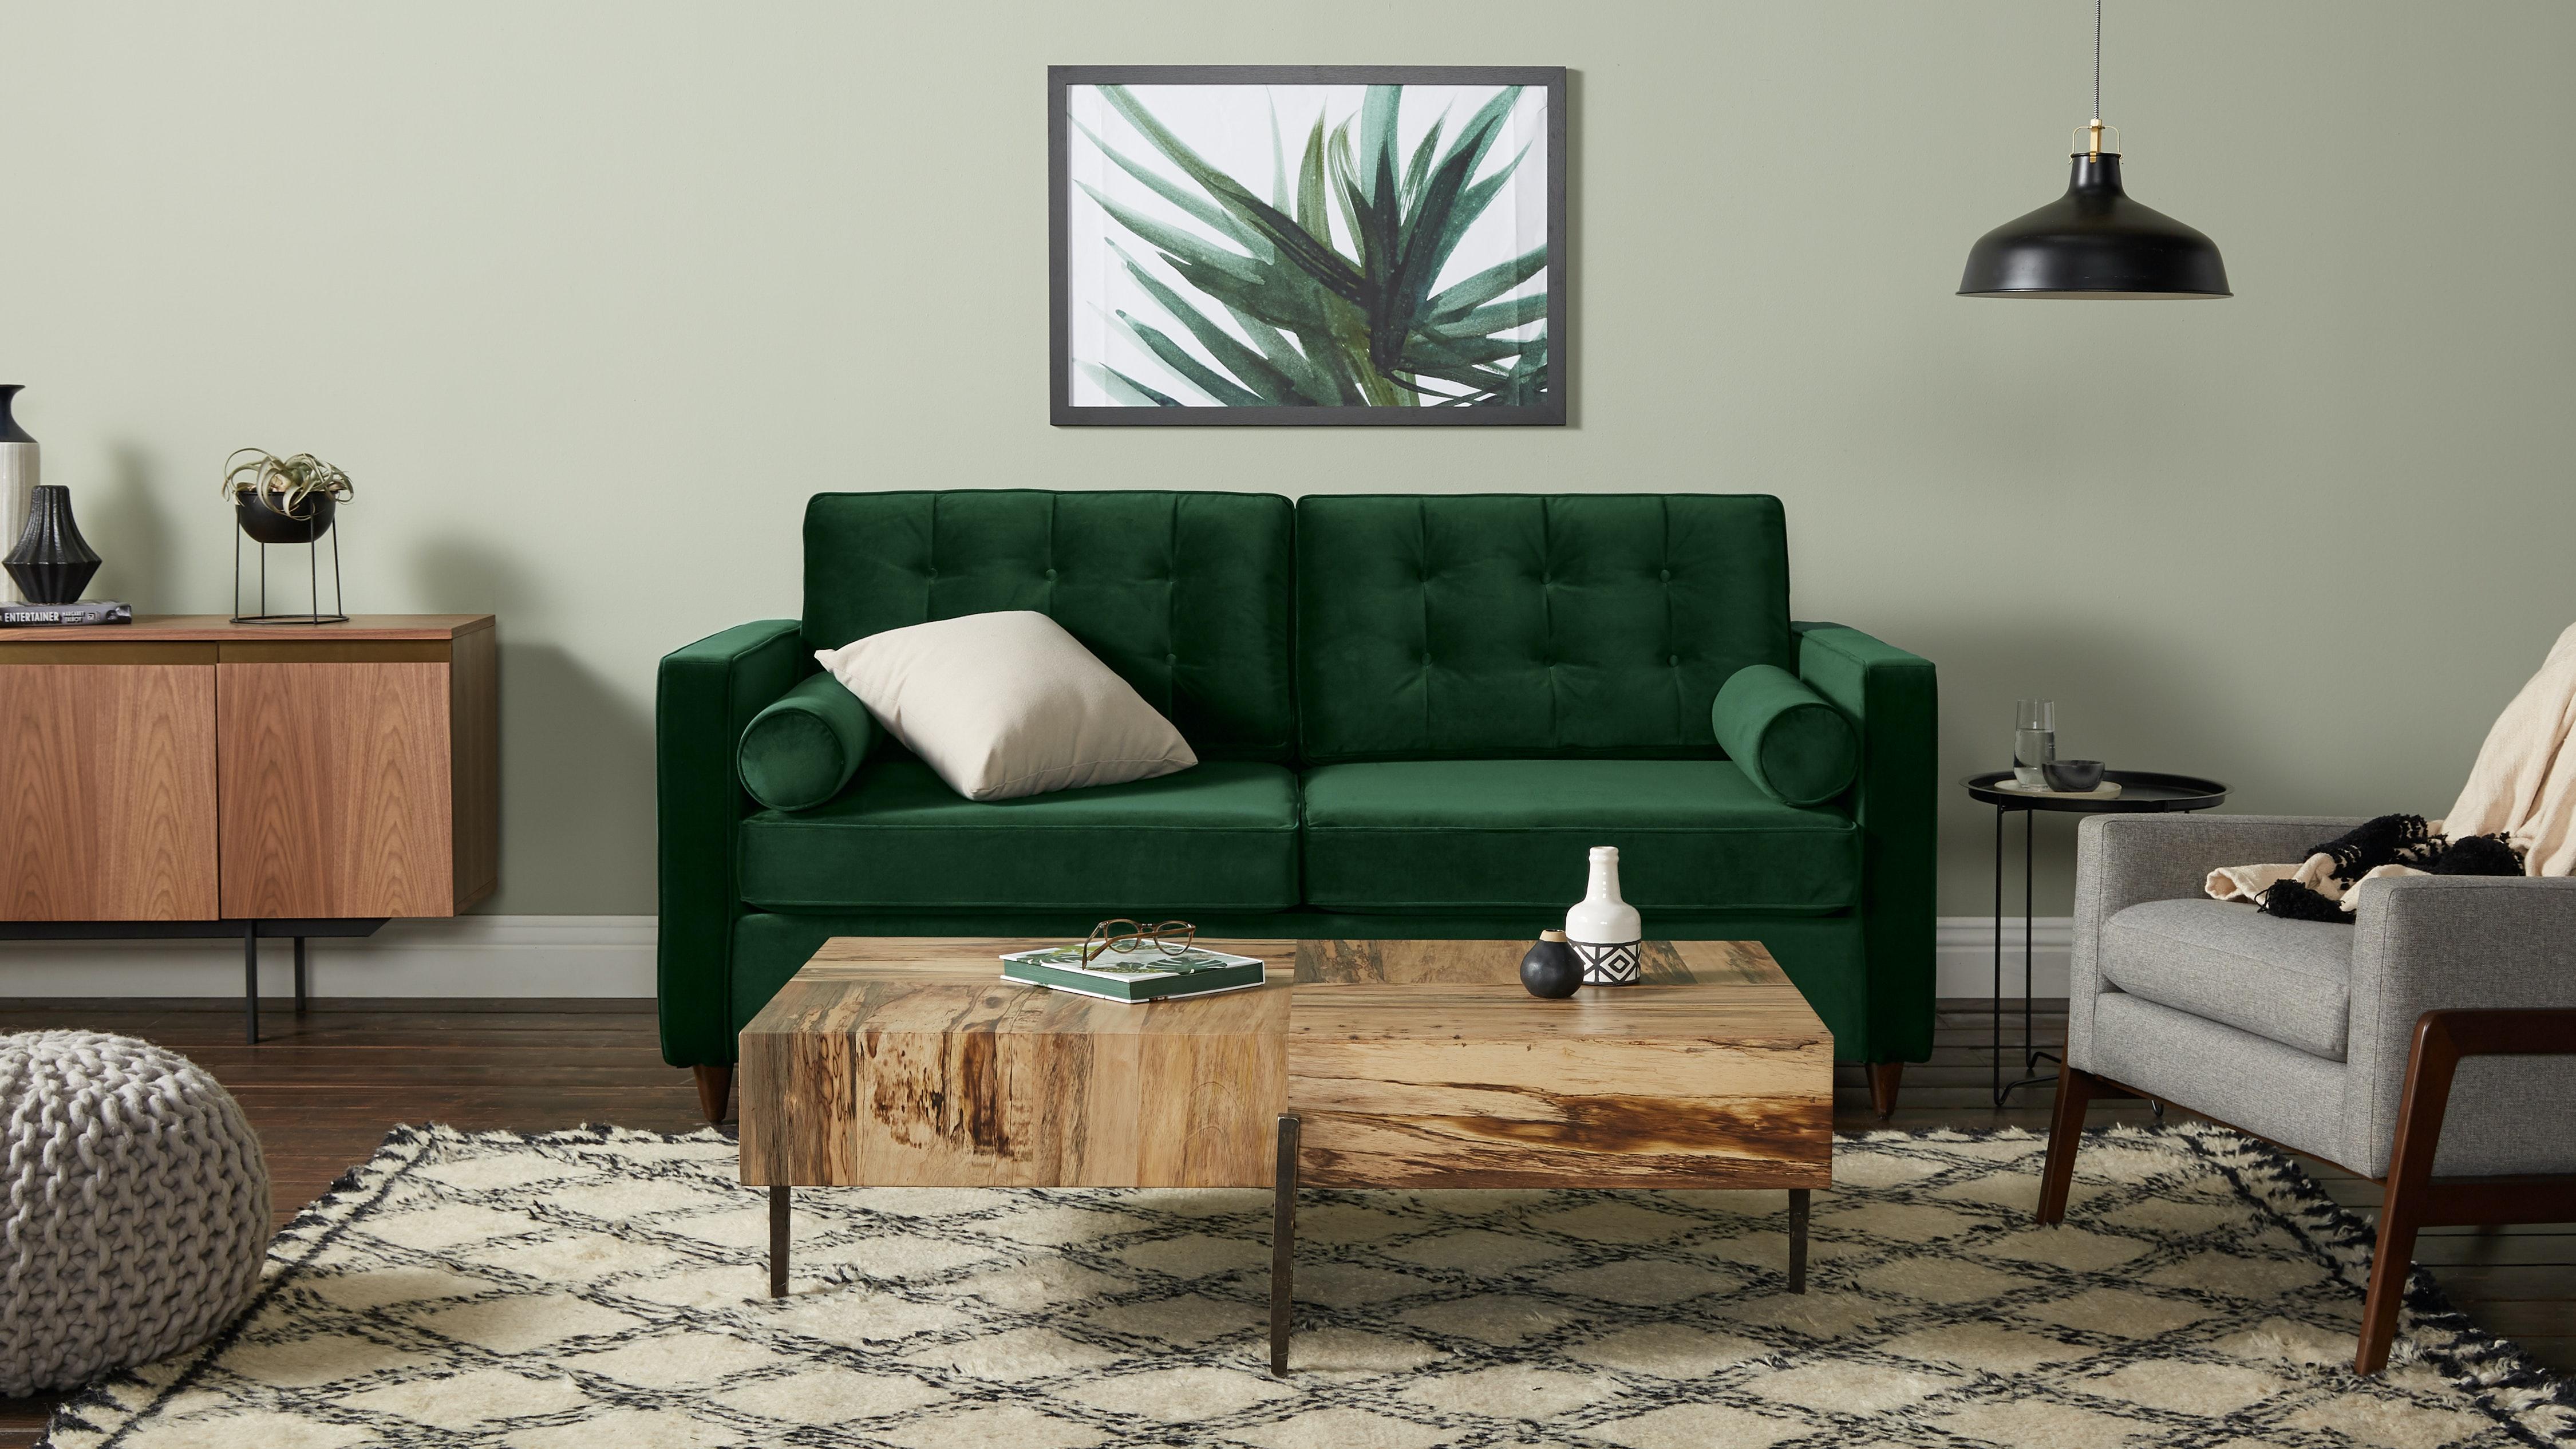 - Braxton Sleeper Sofa Joybird